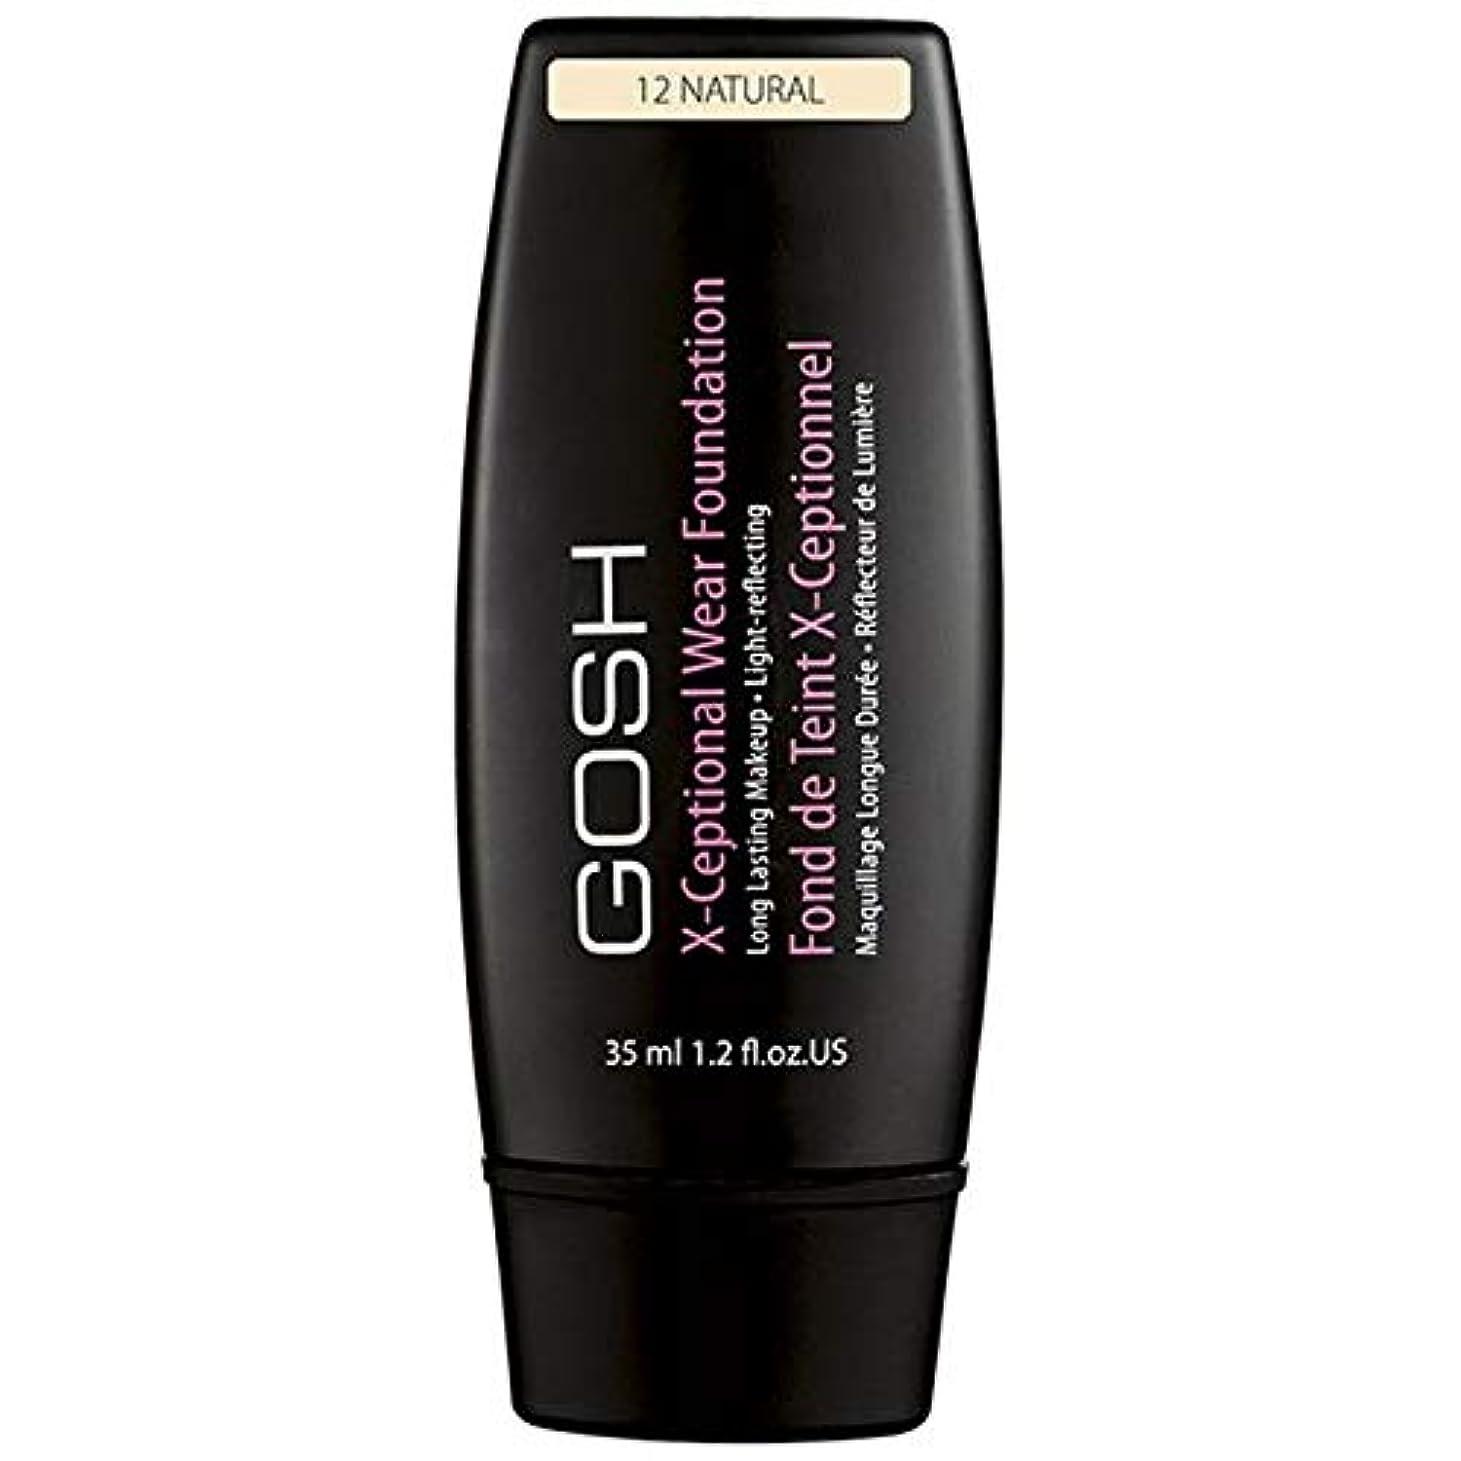 確かめる硫黄ミニ[GOSH ] おやっX-Ceptionalナチュラル12を構成して着用 - Gosh X-Ceptional Wear Make Up Natural 12 [並行輸入品]